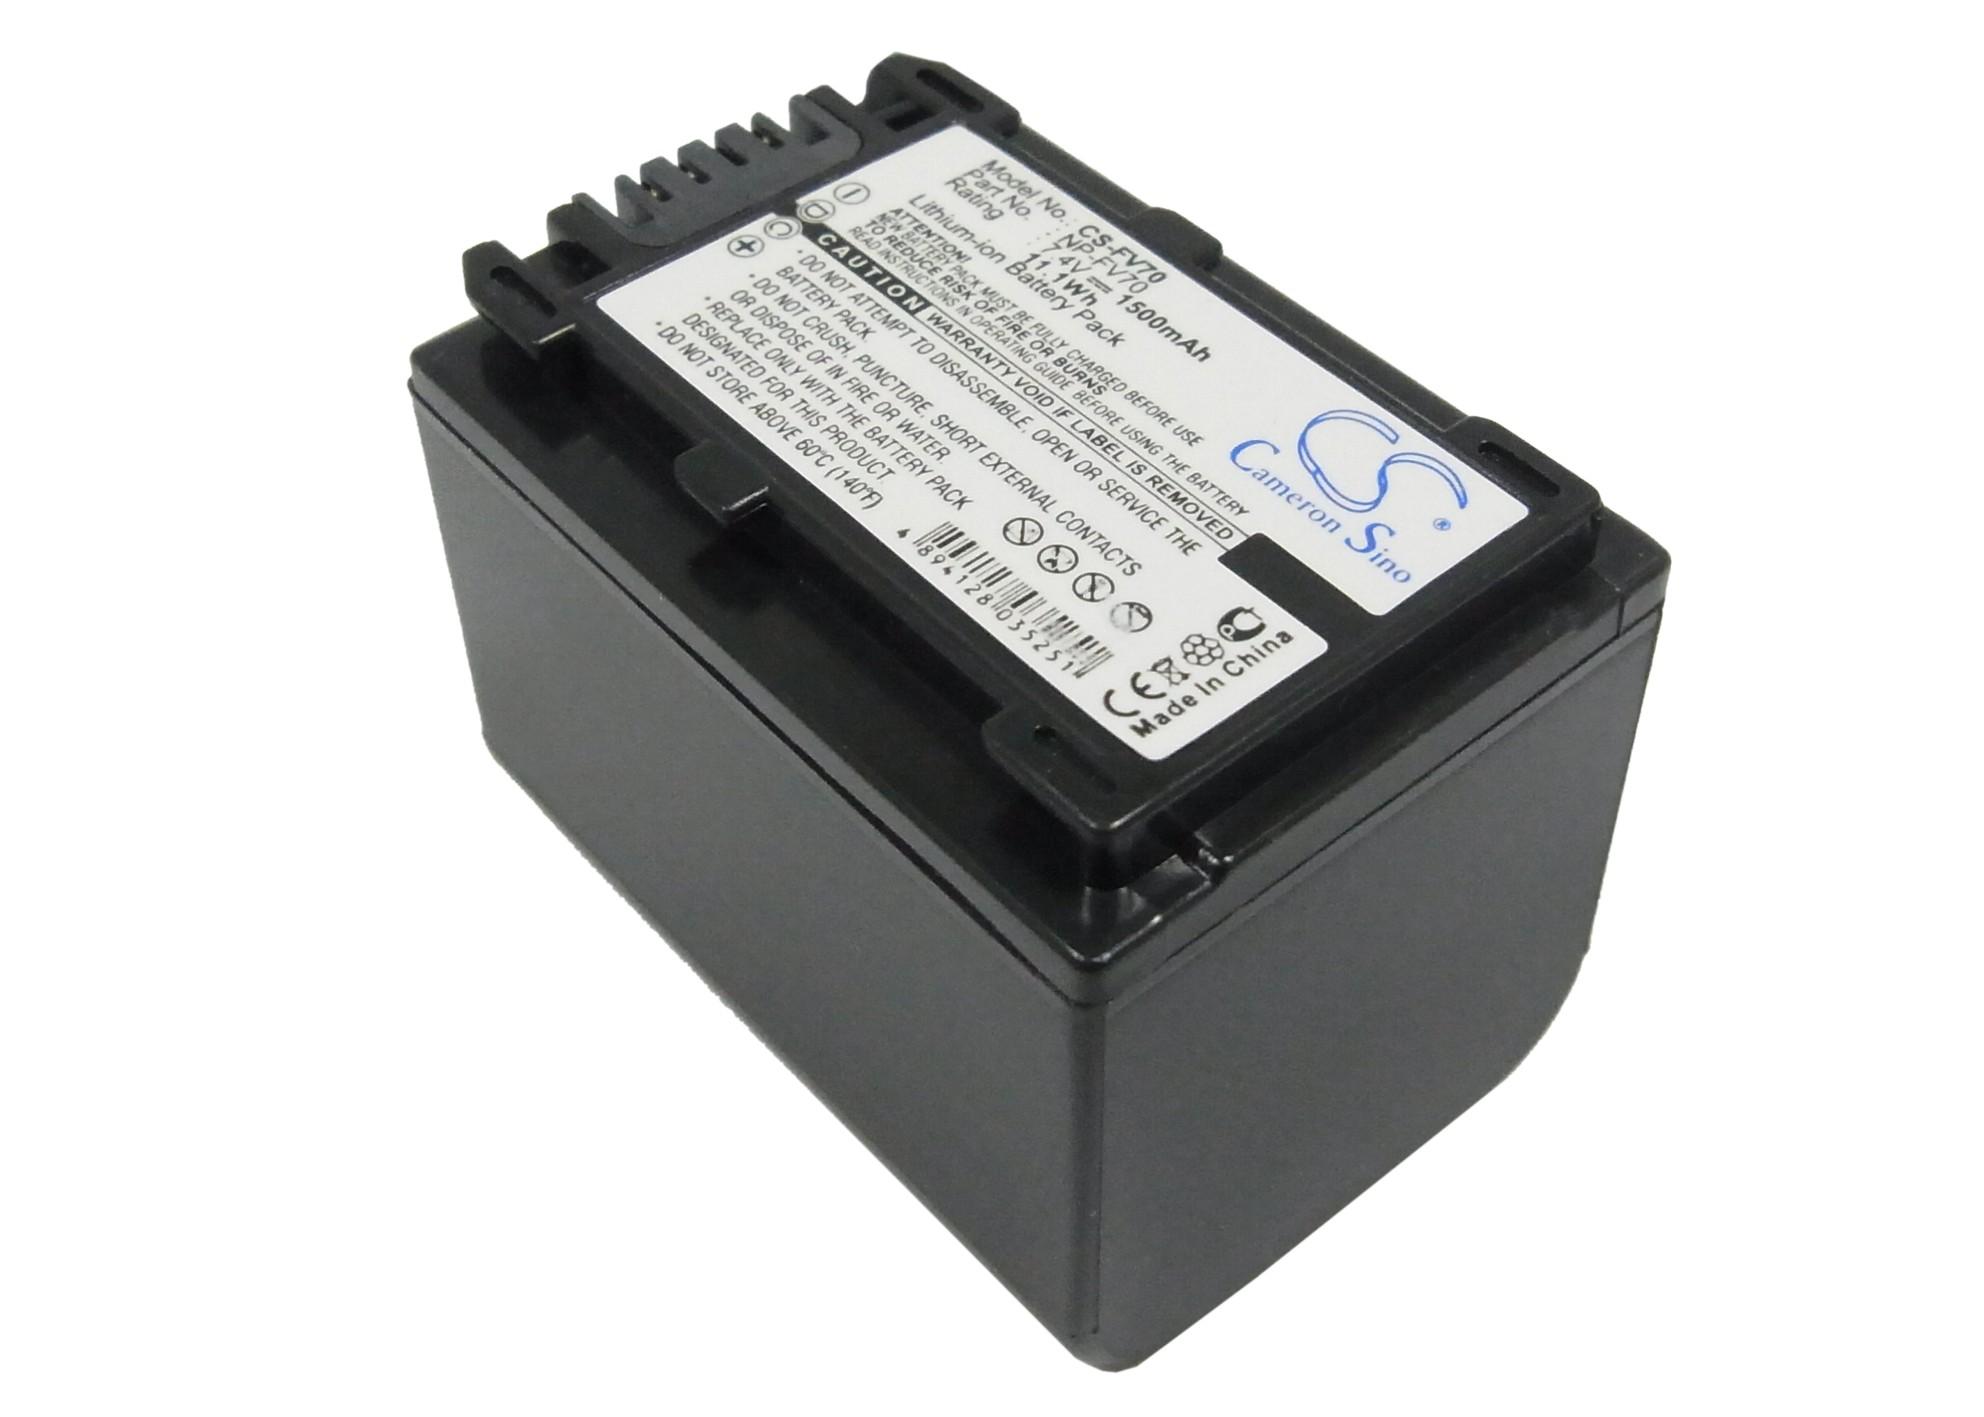 Cameron Sino baterie do kamer a fotoaparátů pro SONY HDR-XR500V 7.4V Li-ion 1500mAh černá - neoriginální